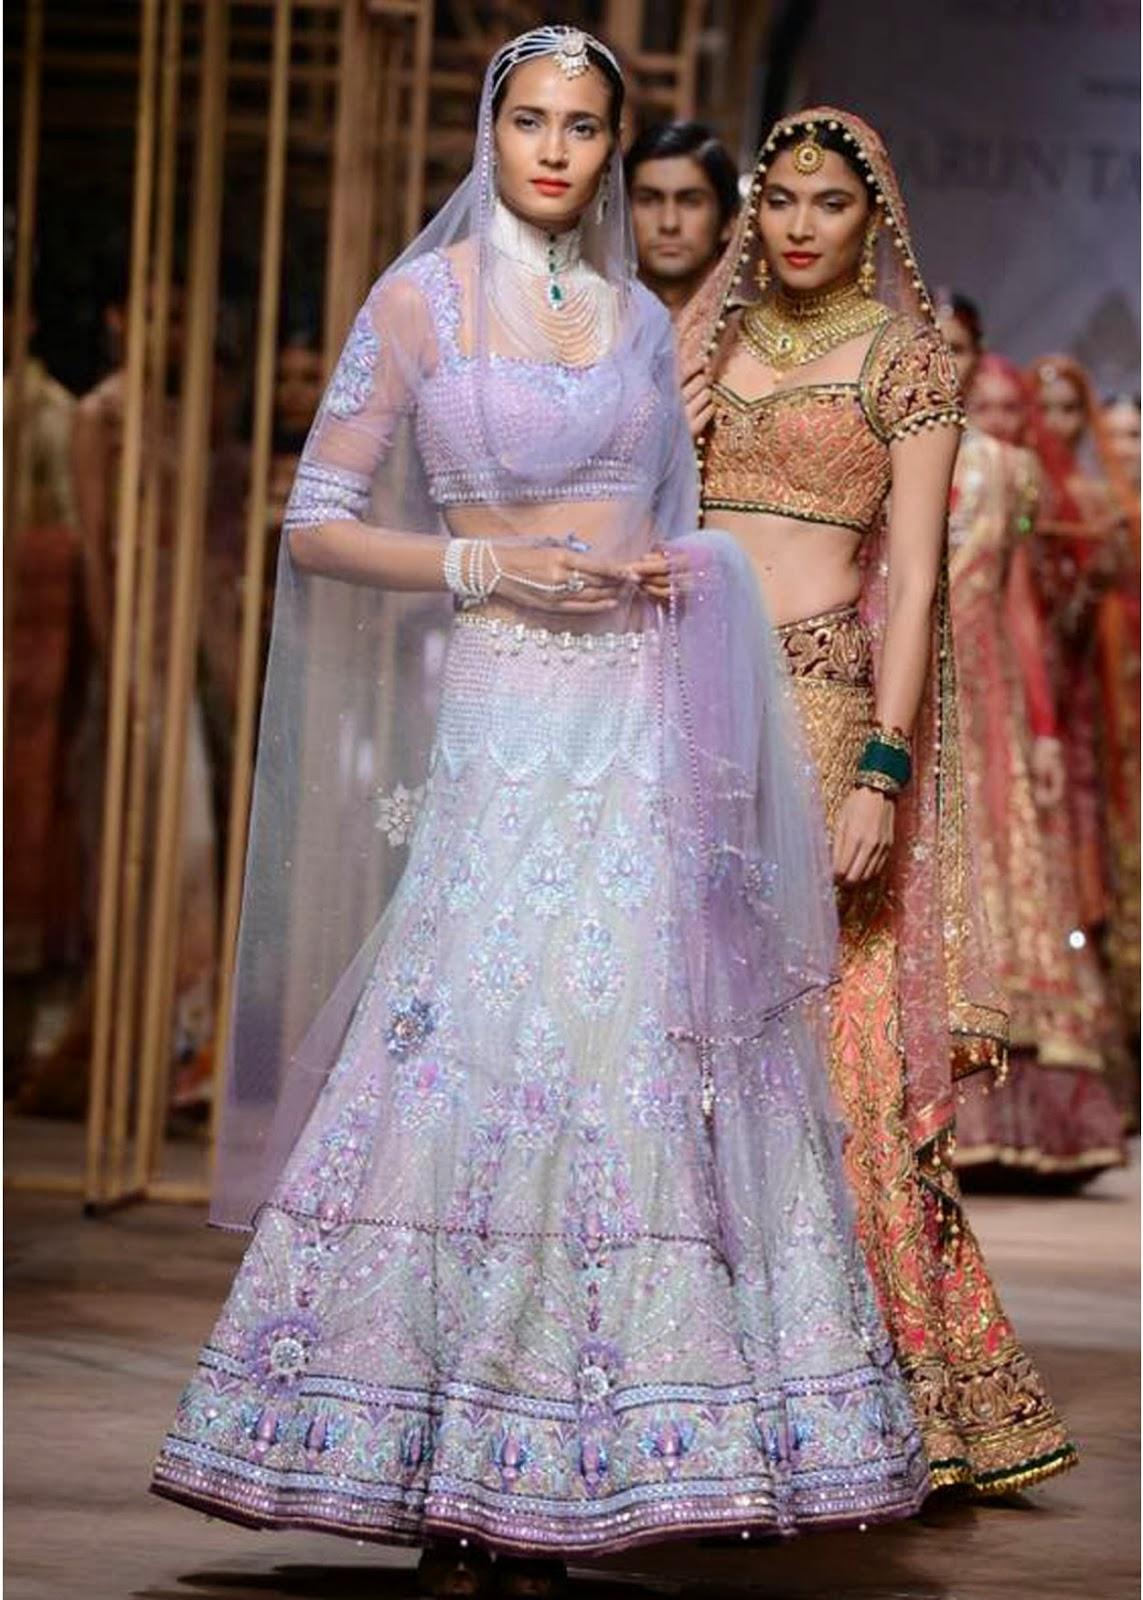 Tarun Tahiliani at Amby Valley India Bridal Fashion Week 2013